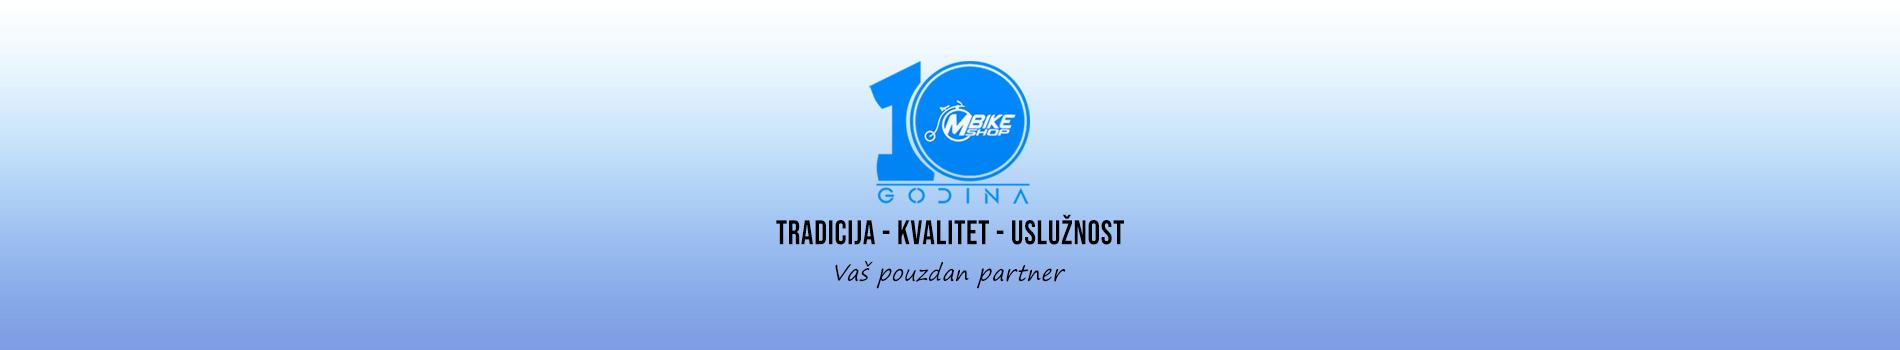 Najveca prodavnica bicikala i biciklisticke opreme u Bosni i Hercegovini sa Vama vec 10 godina.